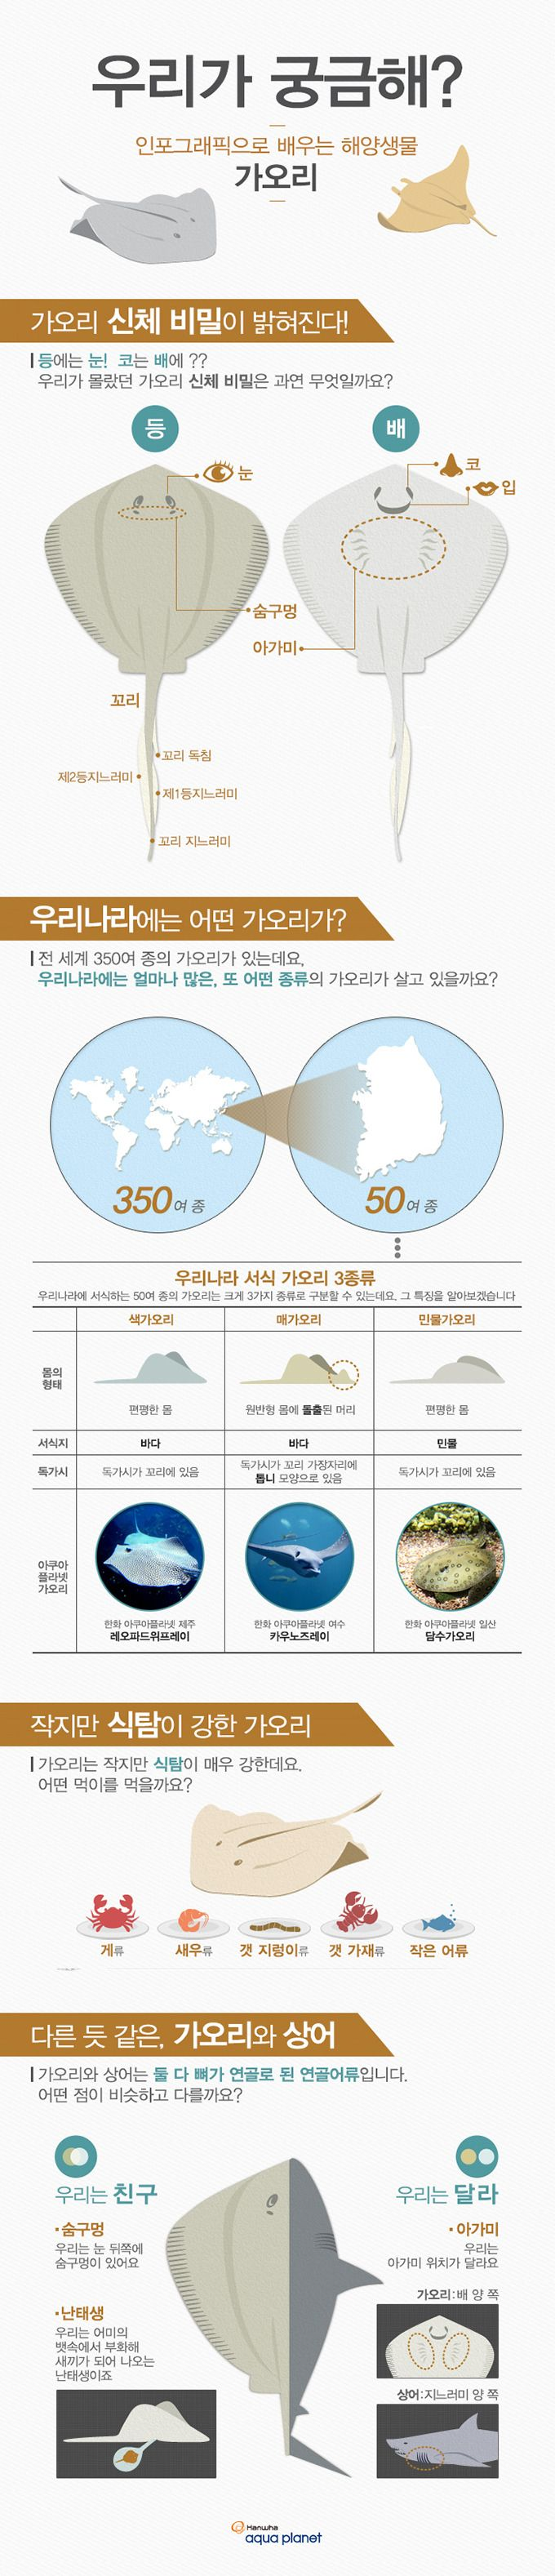 해양생물 '가오리'에 관한 인포그래픽